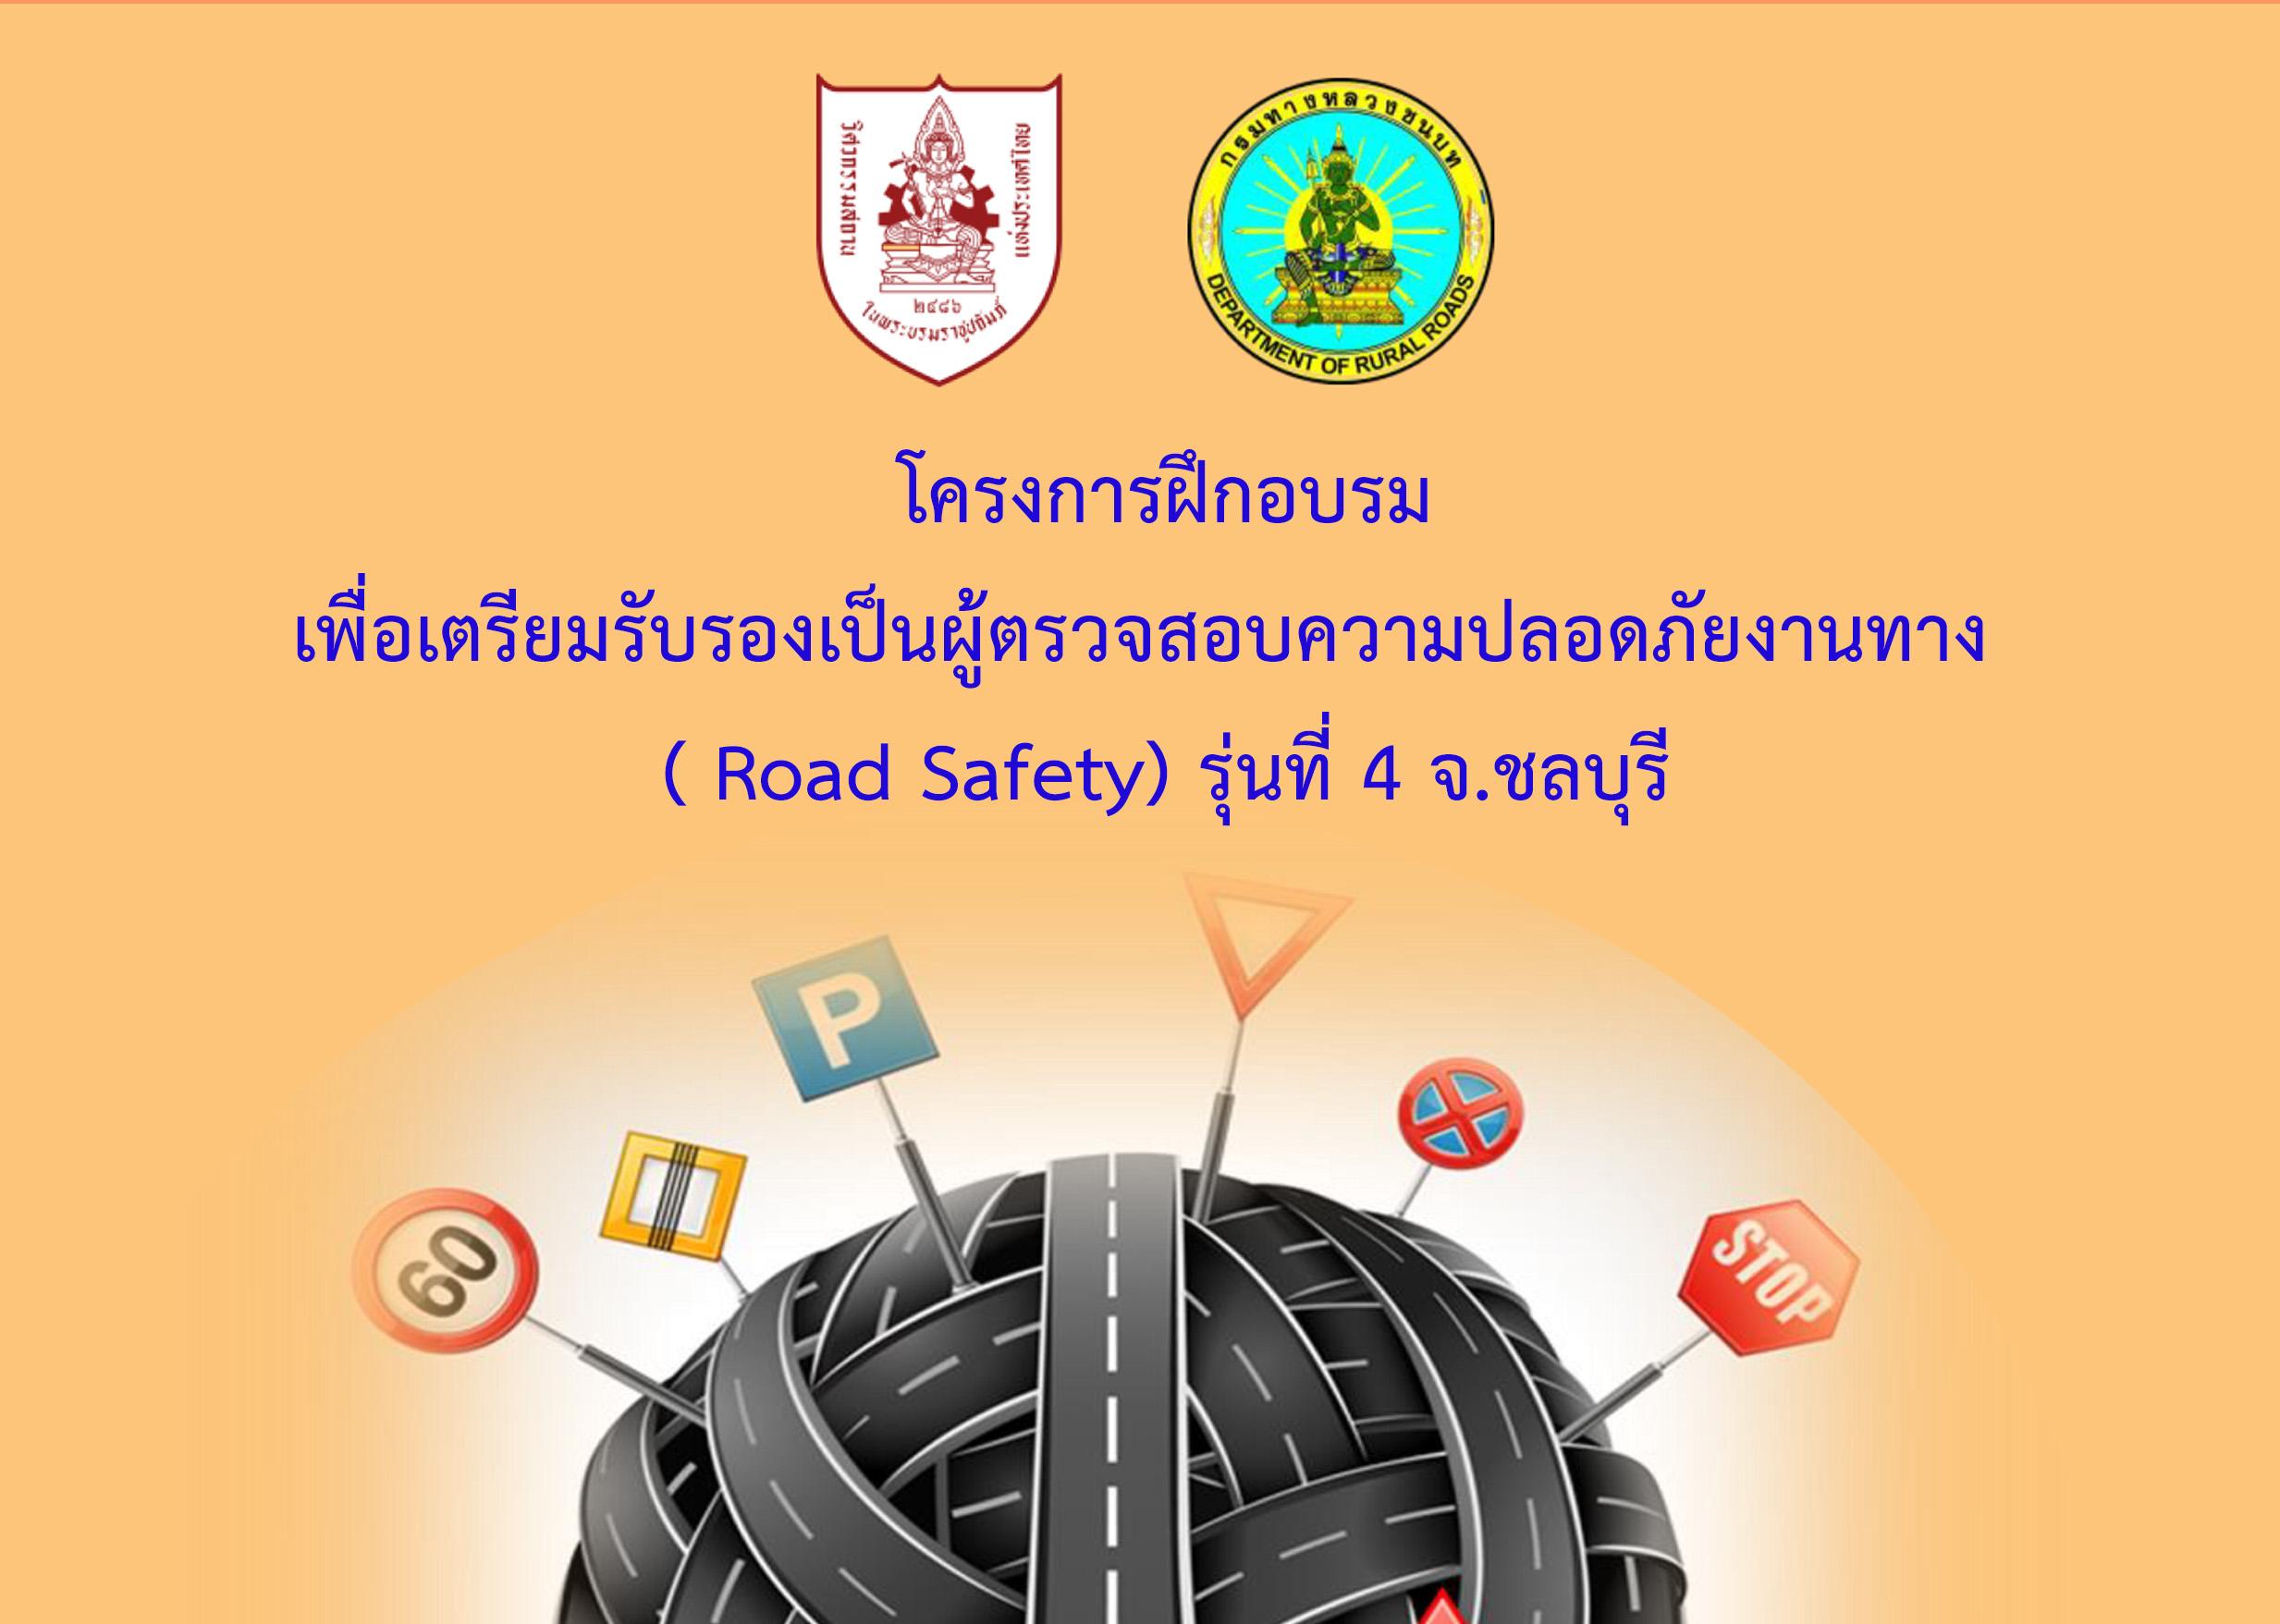 2-4/04/61โครงการฝึกอบรม เพื่อเตรียมรับรองเป็นผู้ตรวจสอบความปลอดภัยงานทาง  ( Road Safety Audit)   สำหรับกรมทางหลวงชนบท (รุ่นที่4) จ.ชลบุรี